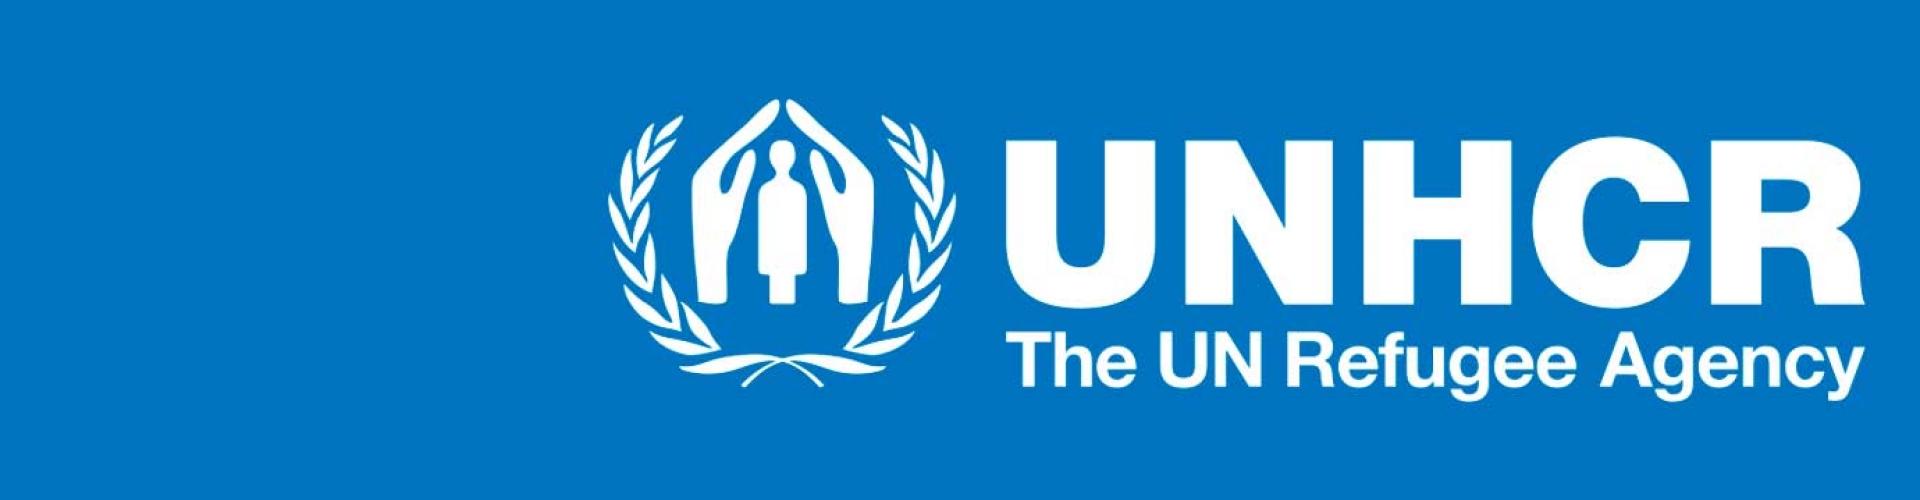 สำนักงานข้าหลวงใหญ่ผู้ลี้ภัยแห่งสหประชาชาติ (UNHCR) เตือนถึงอุปสรรคในการทำงานเพื่อยุติภาวะไร้รัฐไร้สัญชาติ